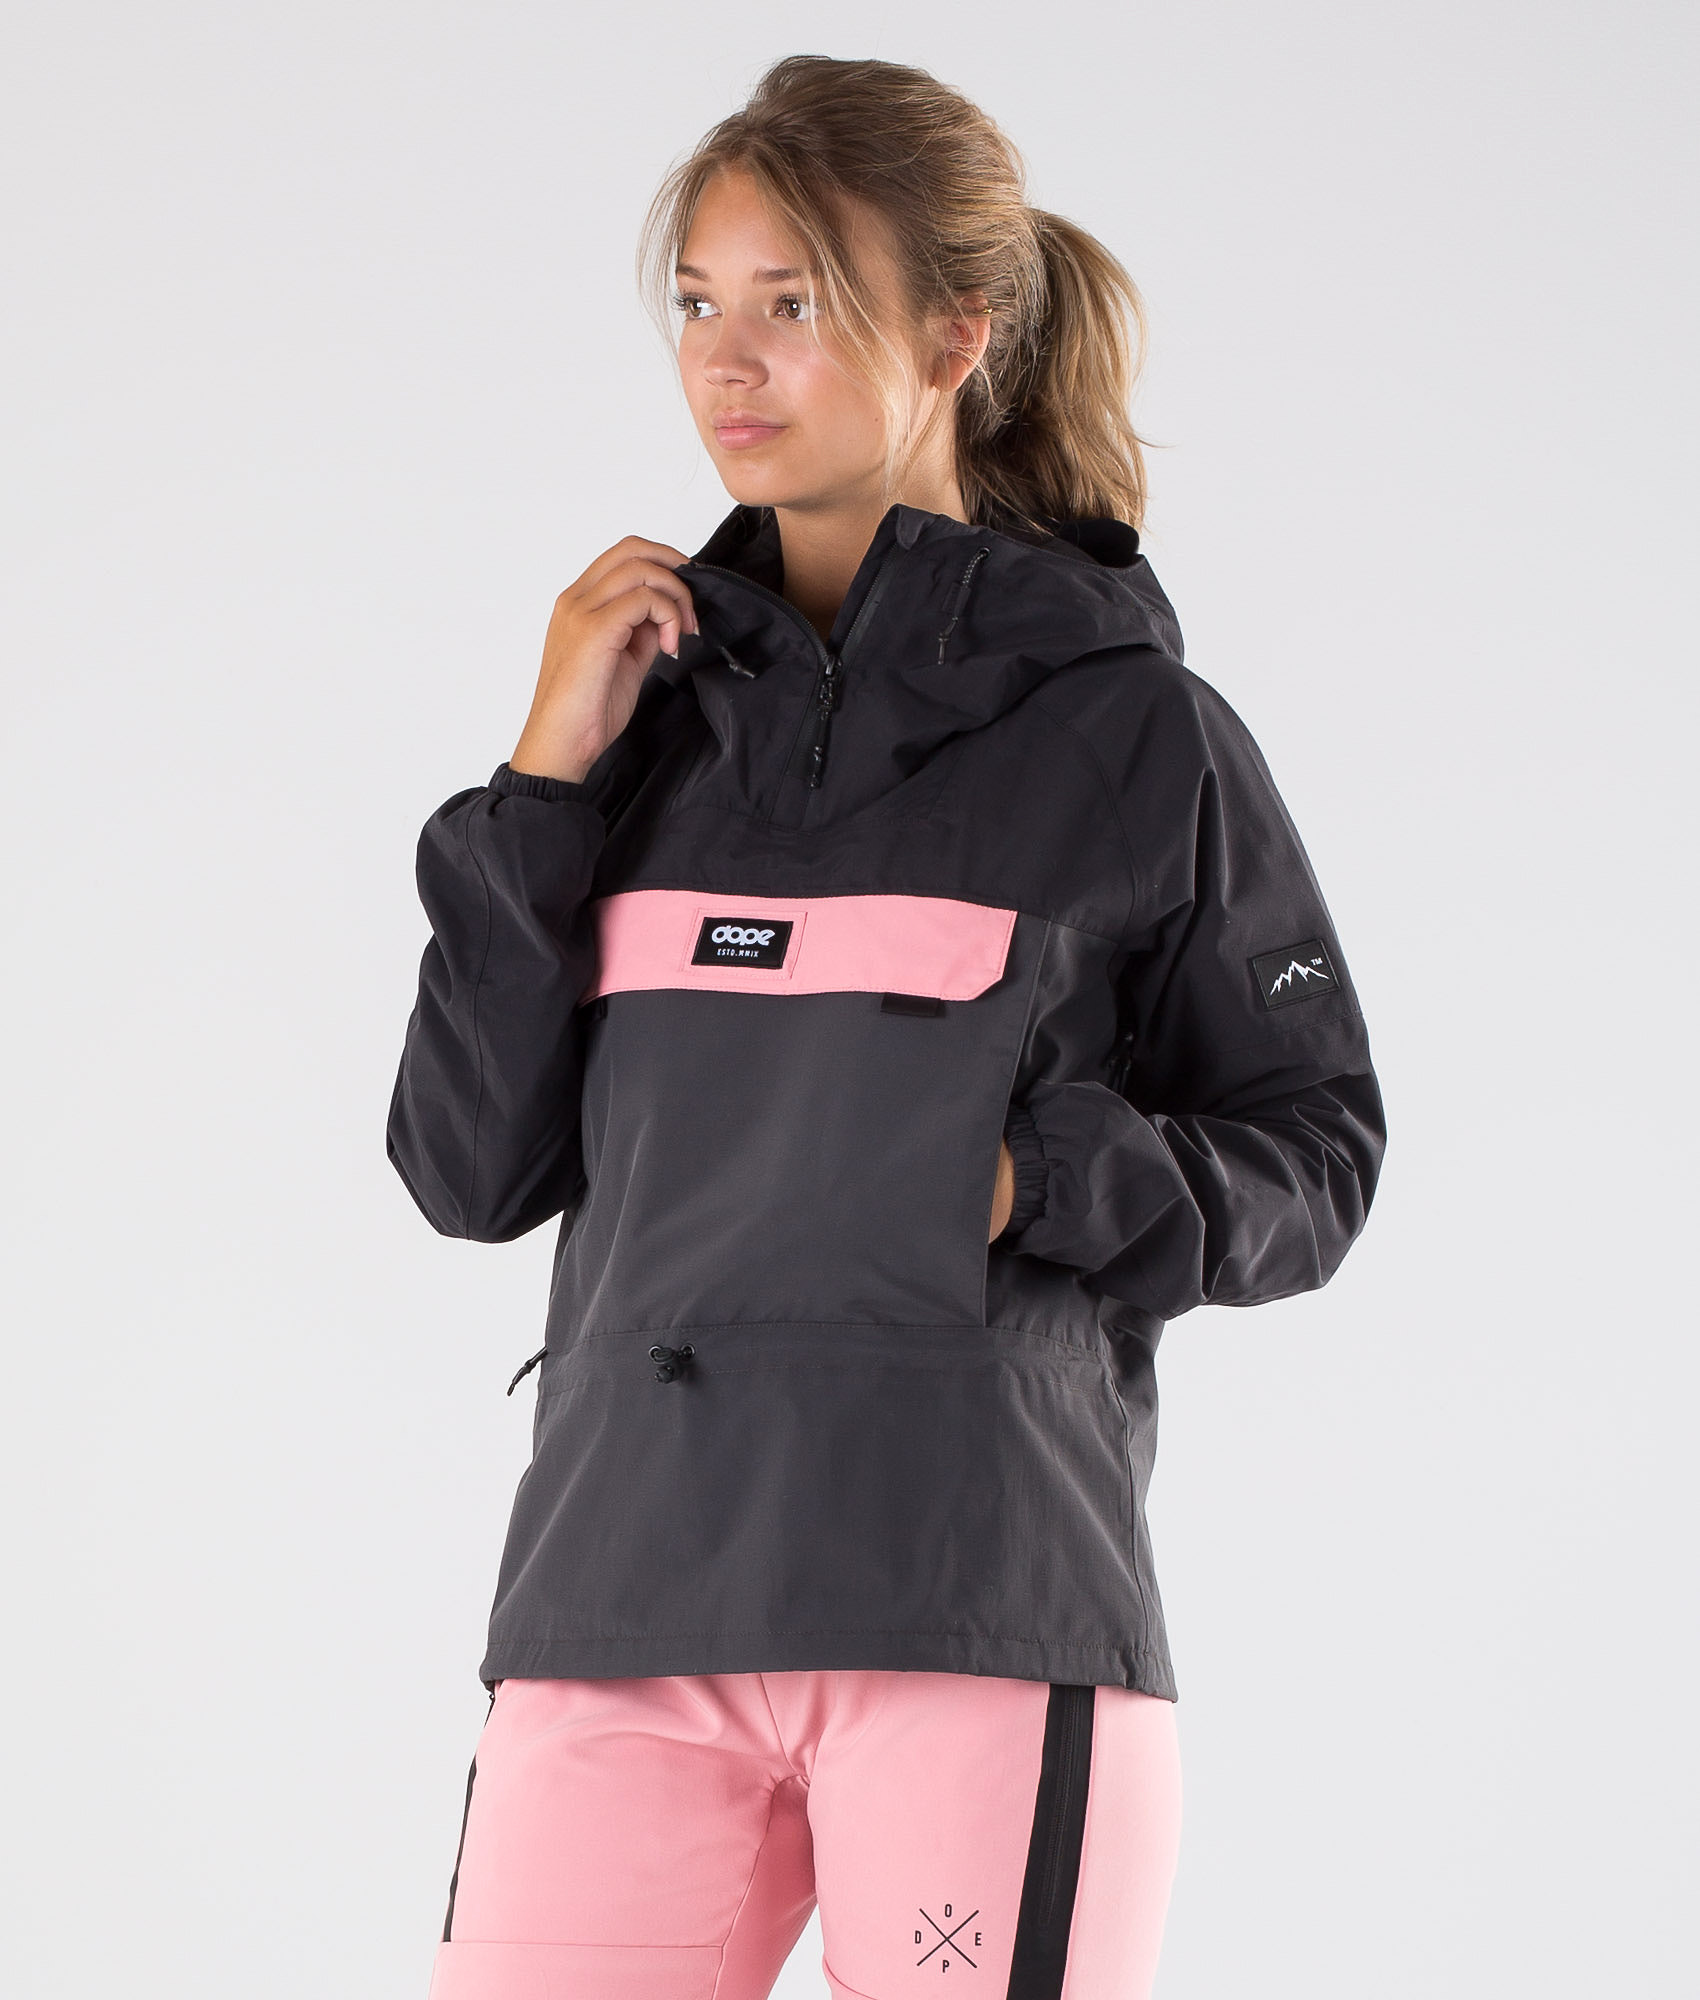 ef98ea03ddb53 Dope Snow | Buy Online | Snow, Skate, Streetwear | RIDESTORE